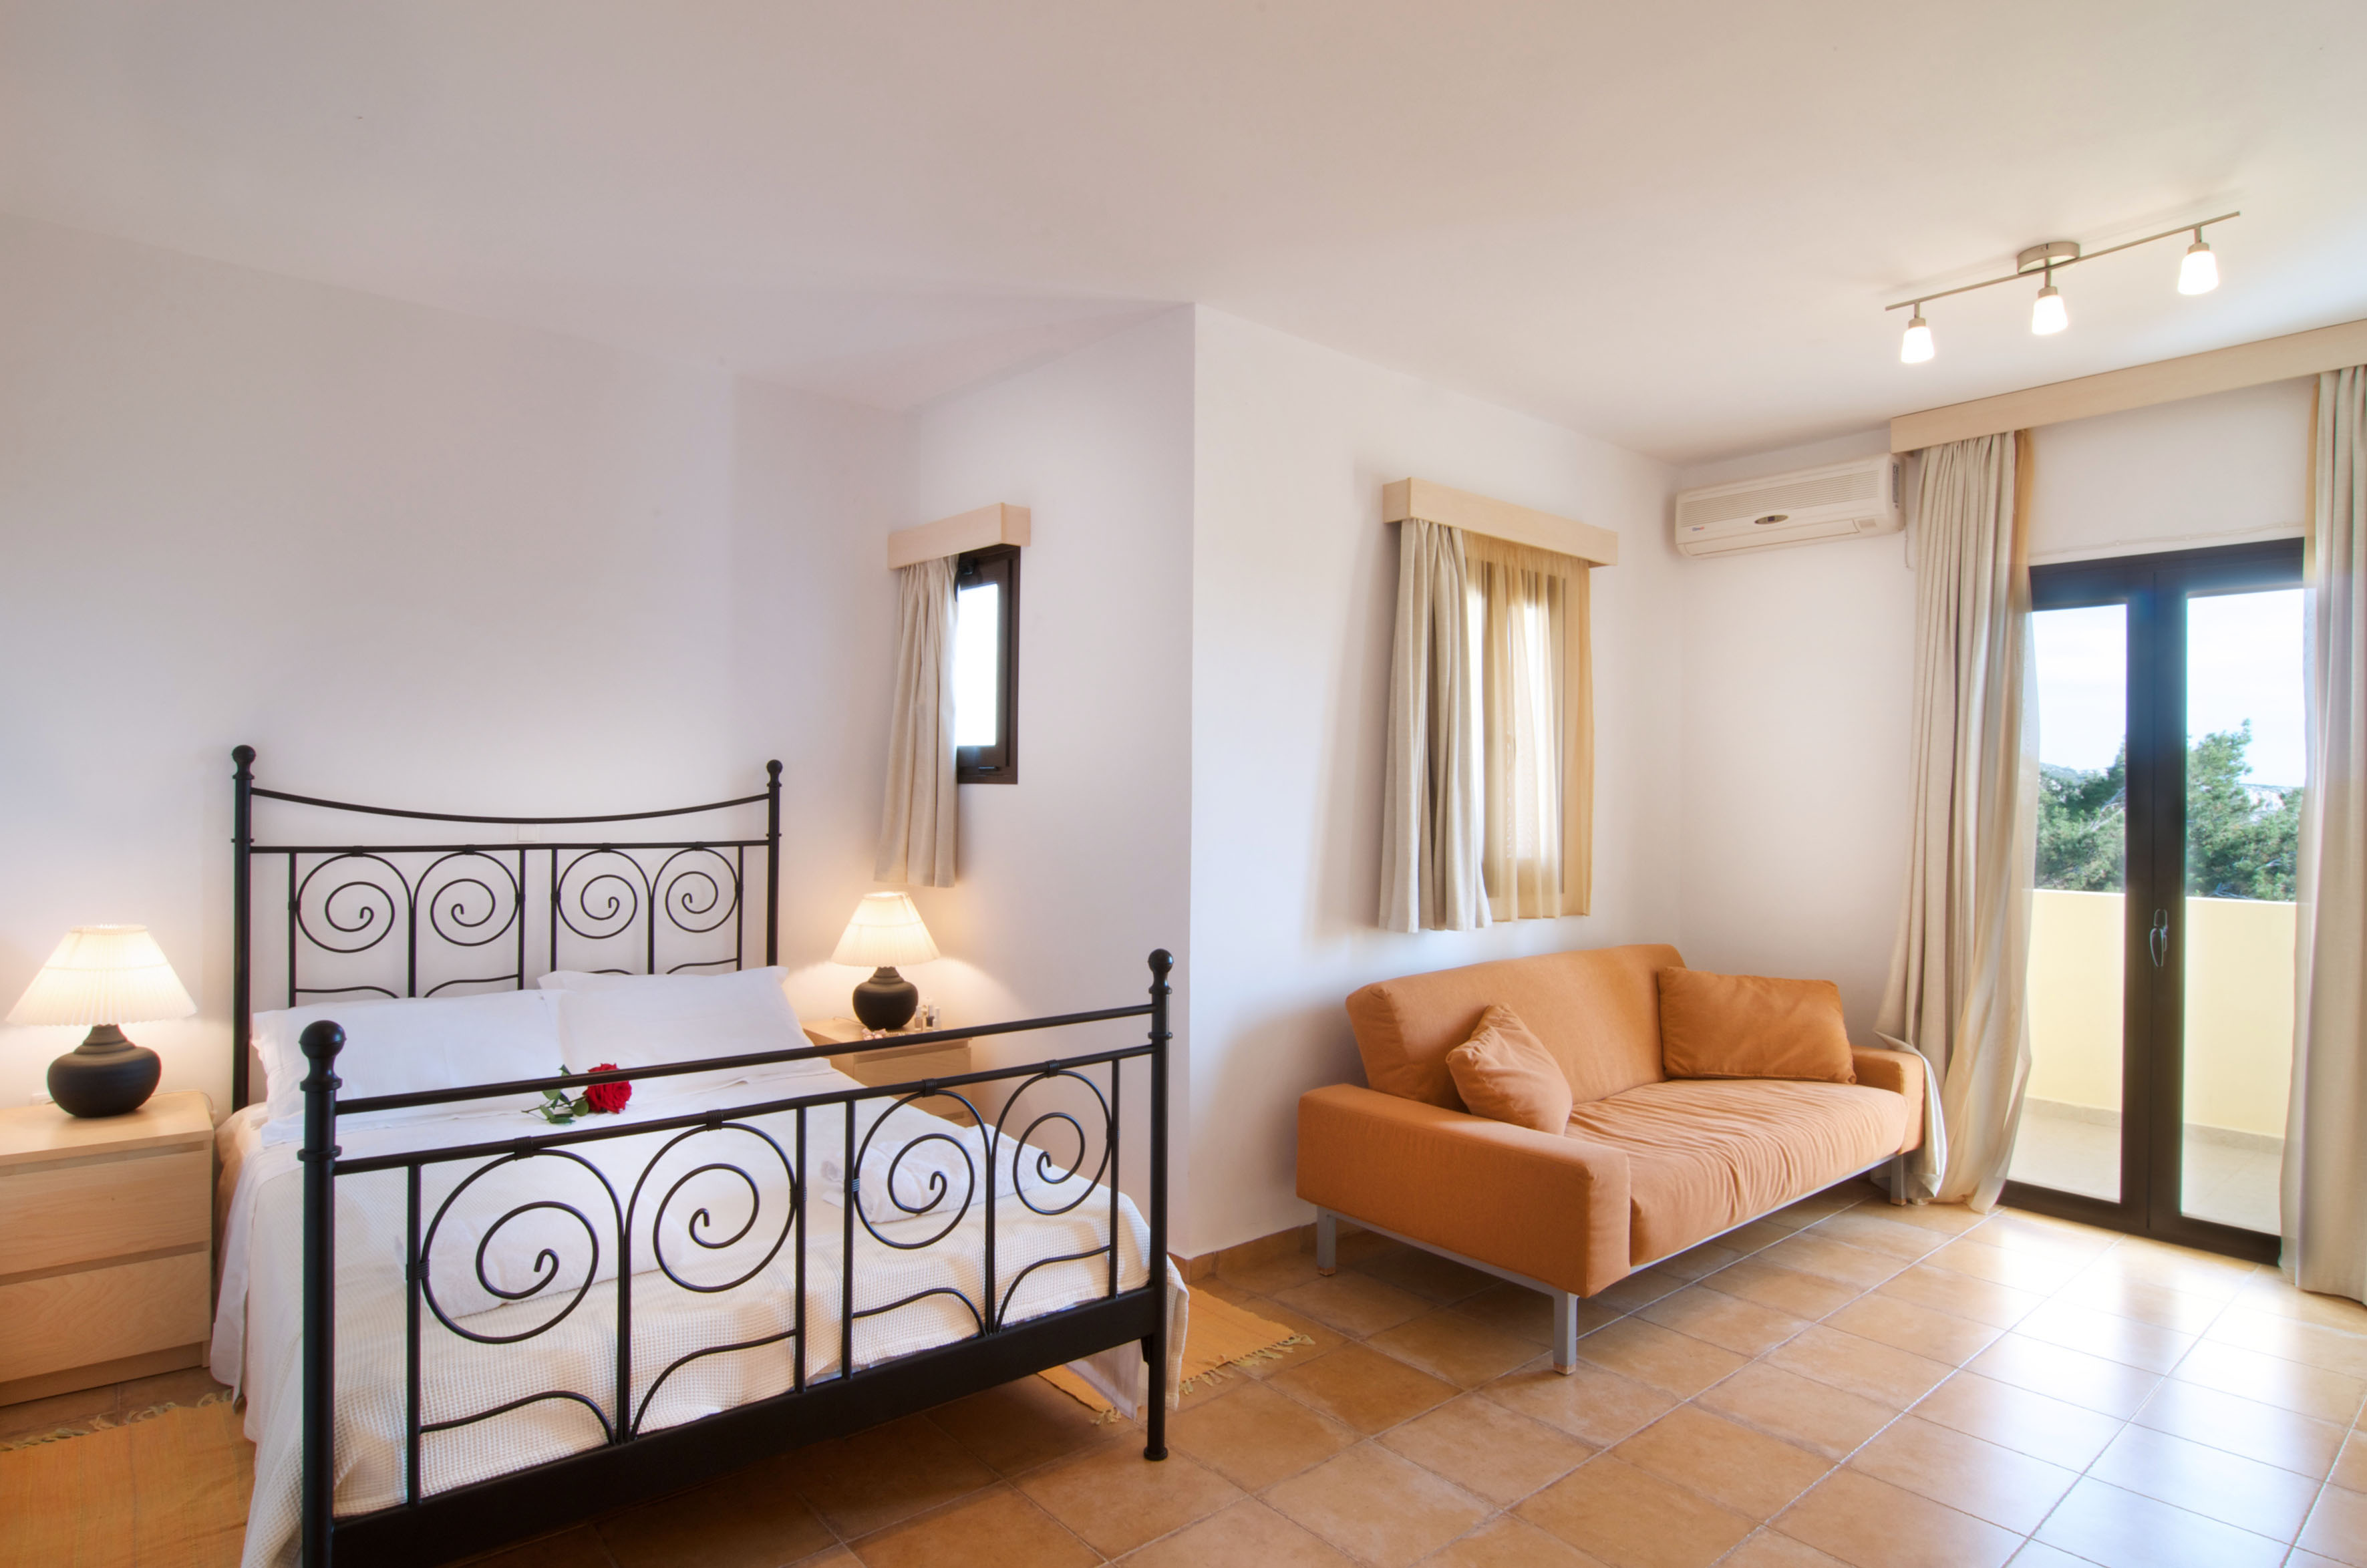 Cassettiera Stretta E Lunga three room apartments - miraluna hotel